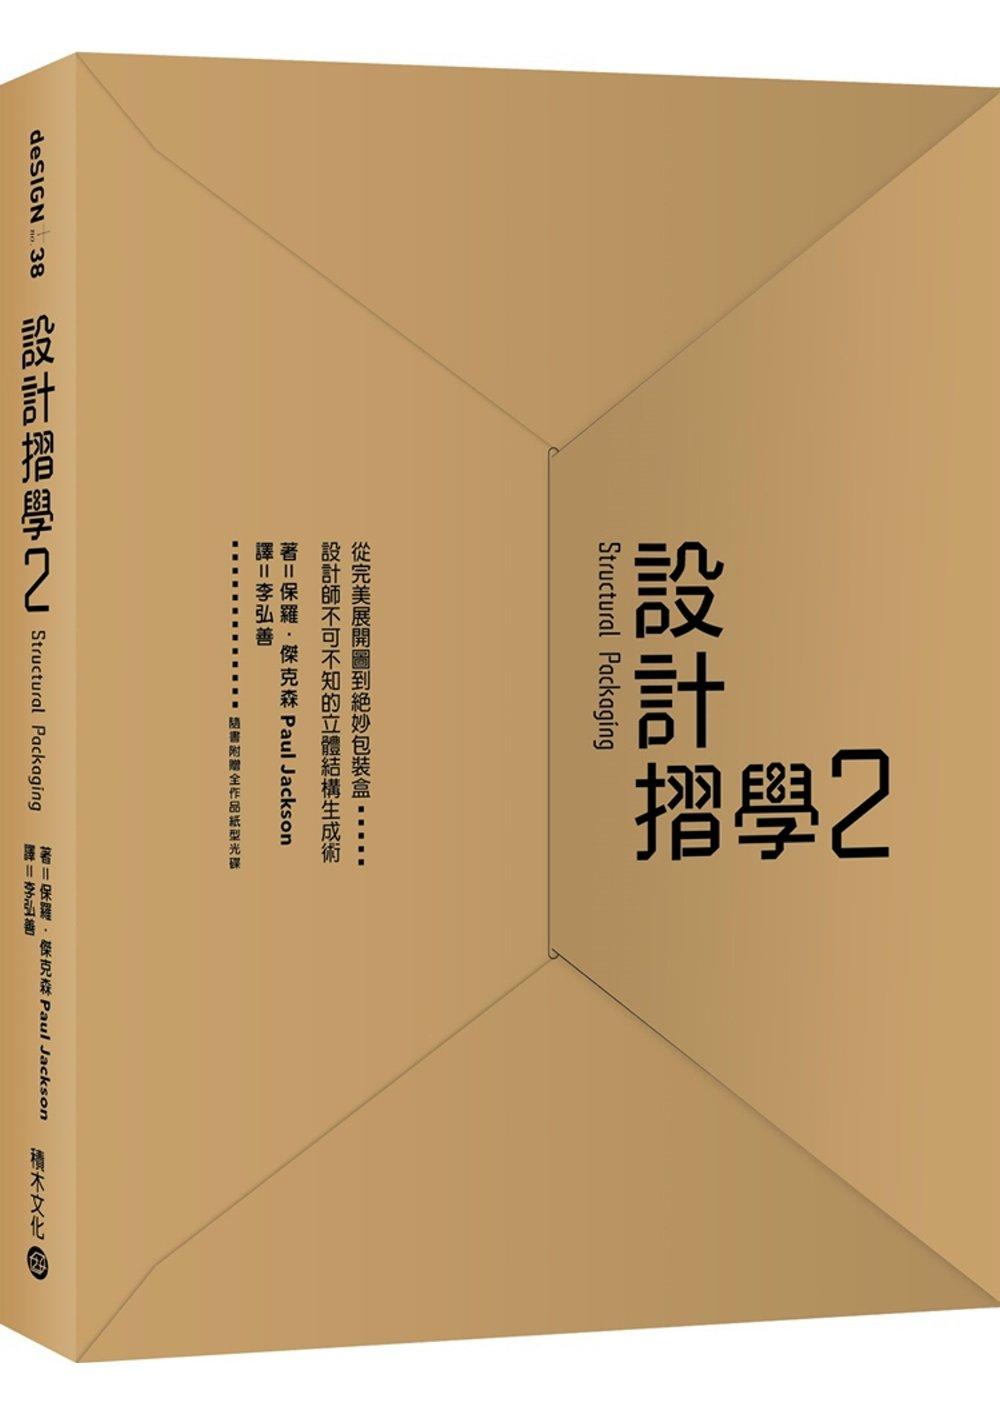 設計摺學2--從完美展開圖到絕妙包裝盒,設計師不可不知的立體結構生成術